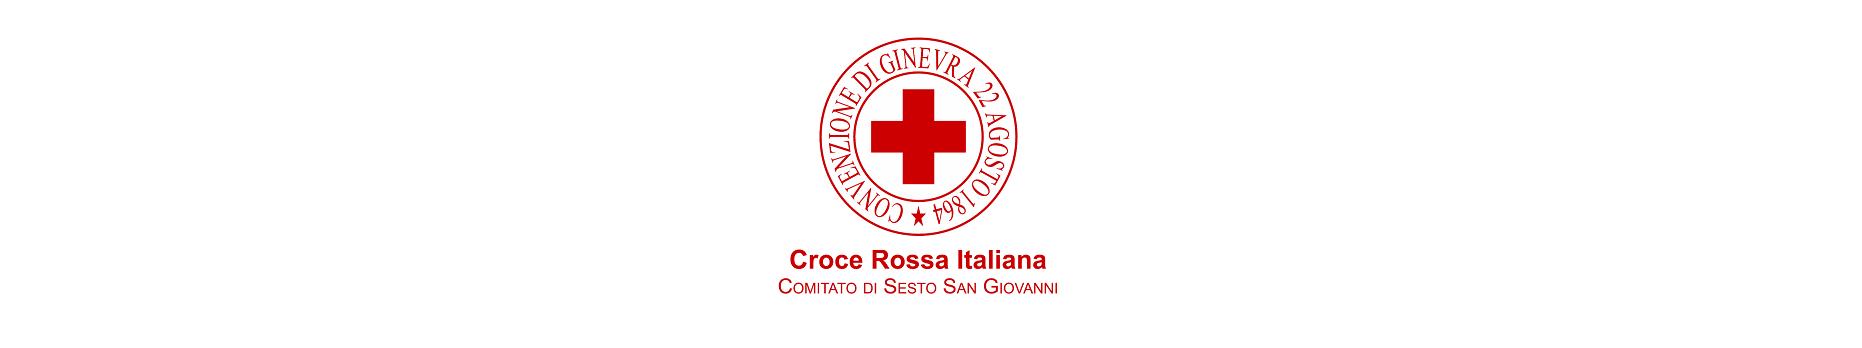 Associazione CRI - Croce Rossa italiana logo